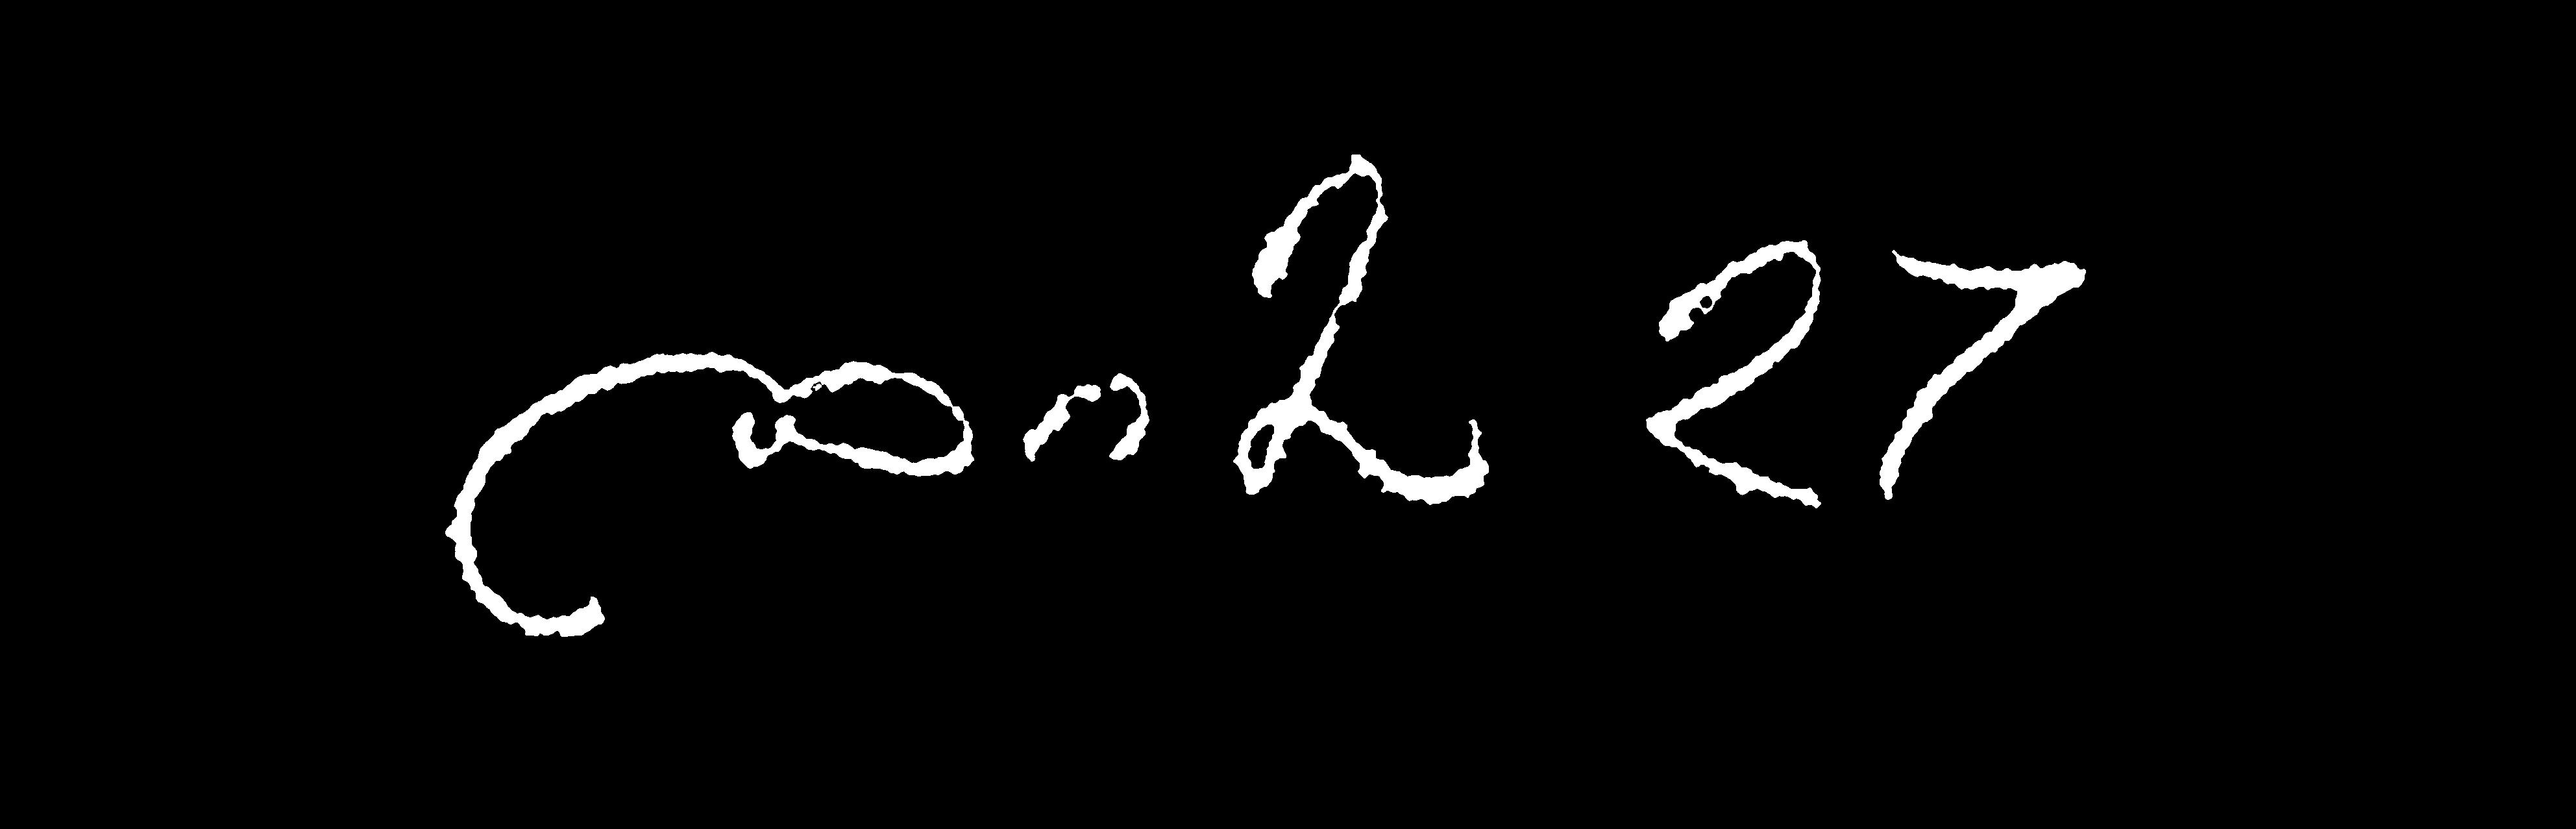 dima27's Signature